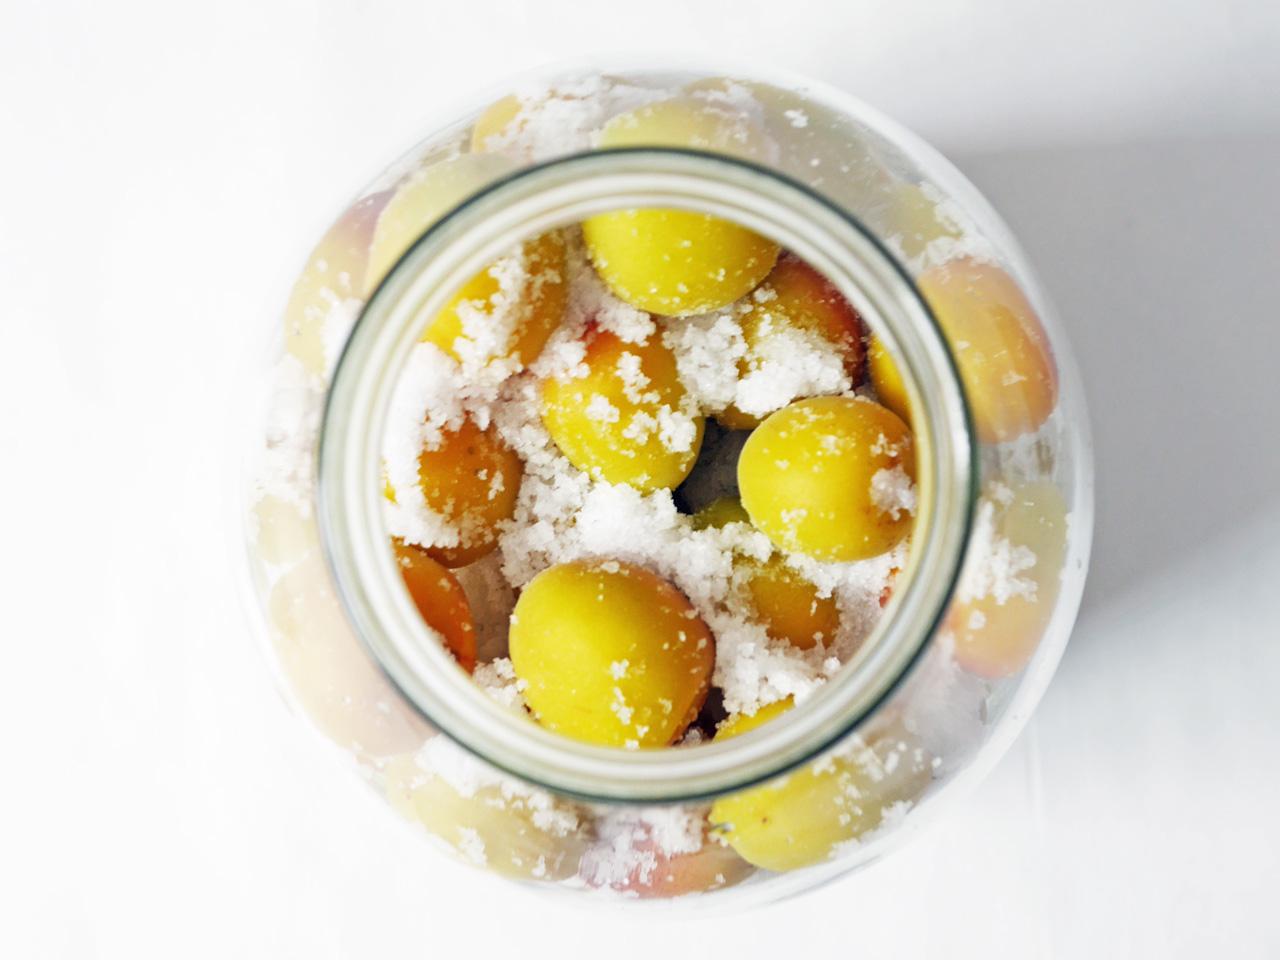 密封瓶に粗塩と梅を交互に入れていく